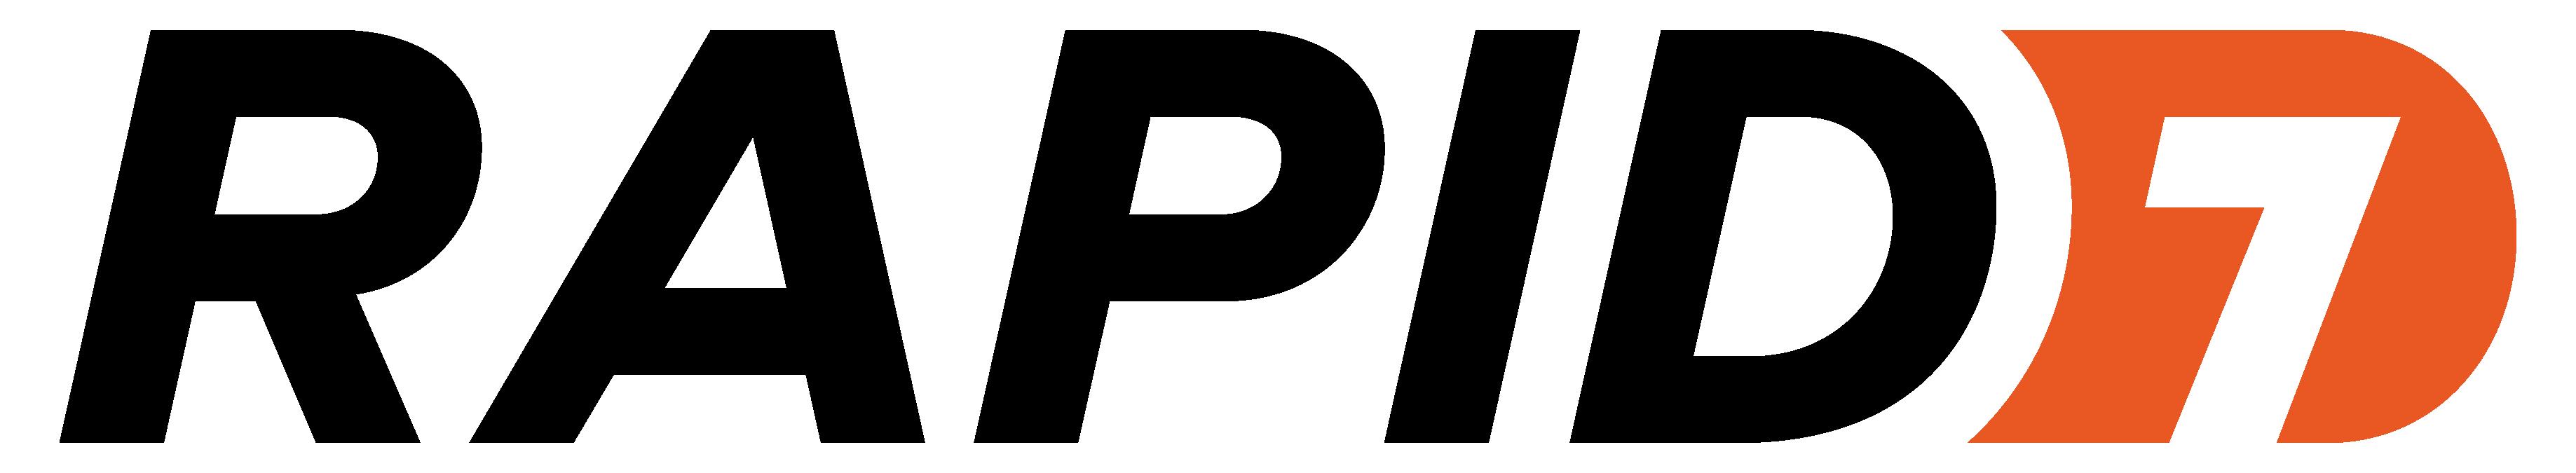 Rapid7 metasploit logo